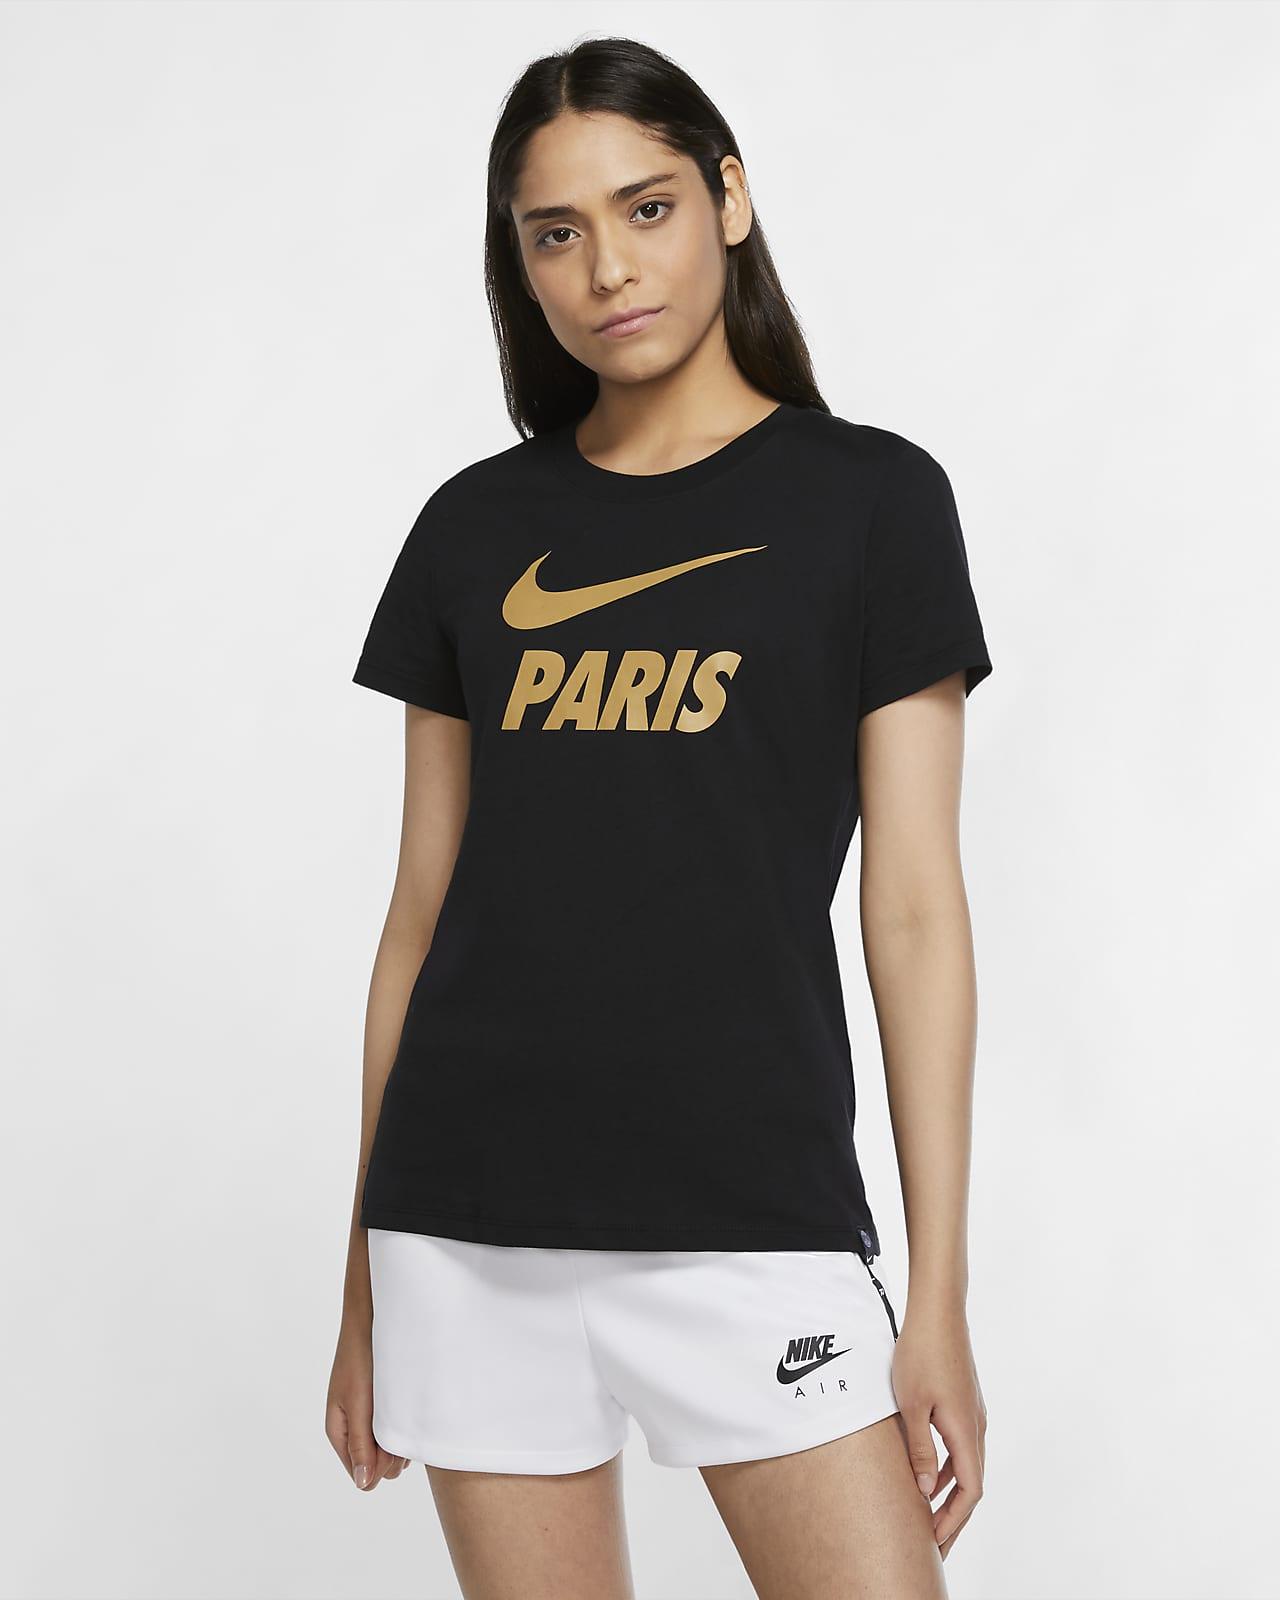 Paris Saint-Germain Women's Football T-Shirt